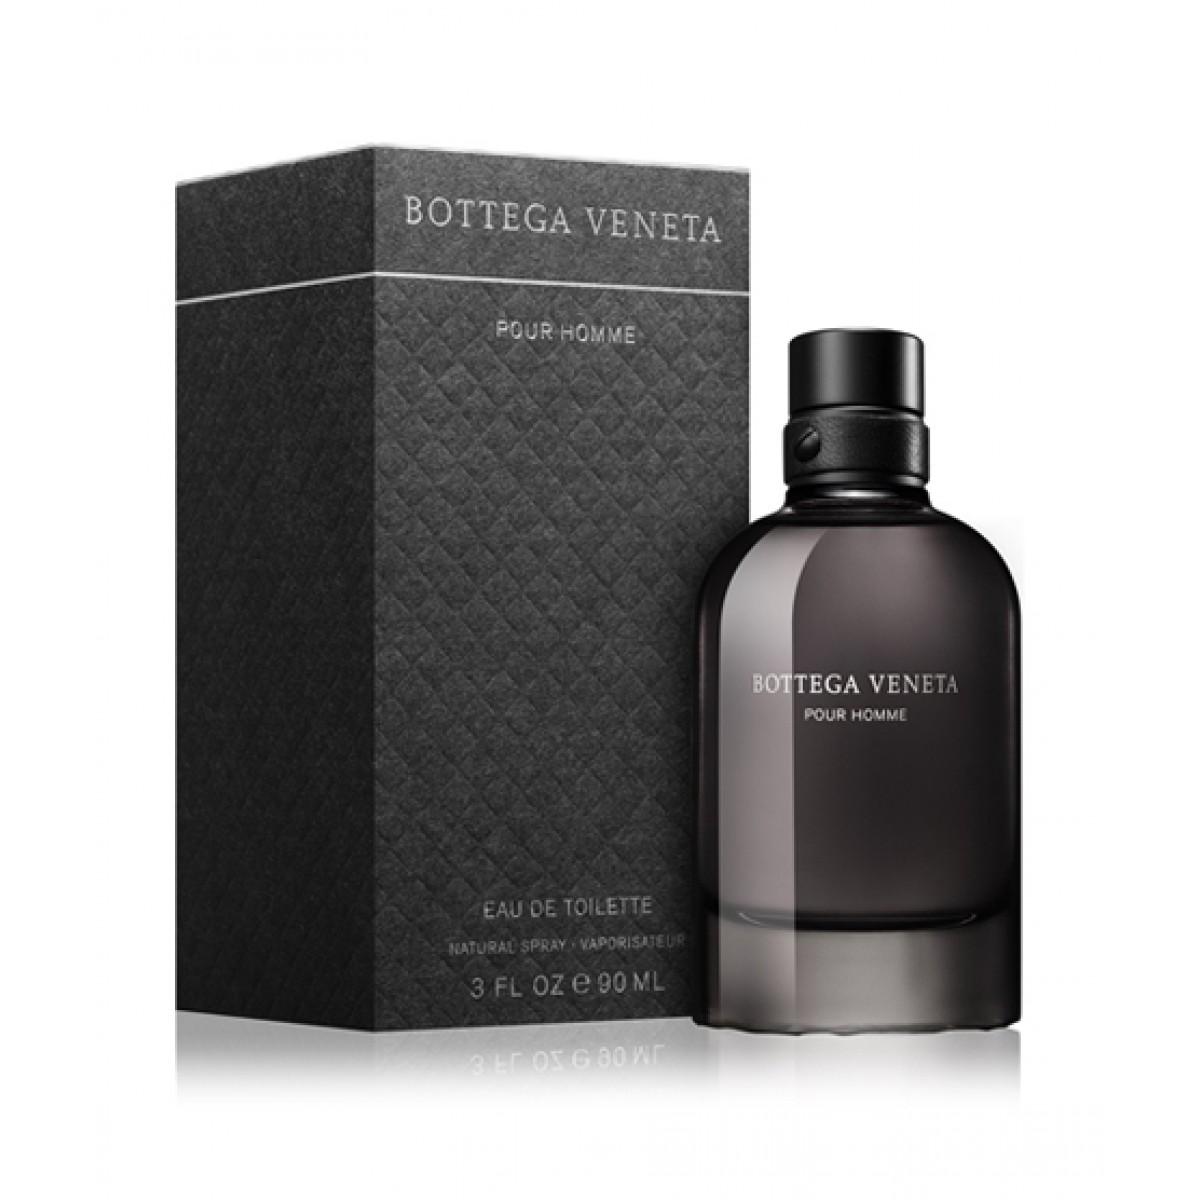 Bottega Veneta Eau De Toilette For Men 90ML